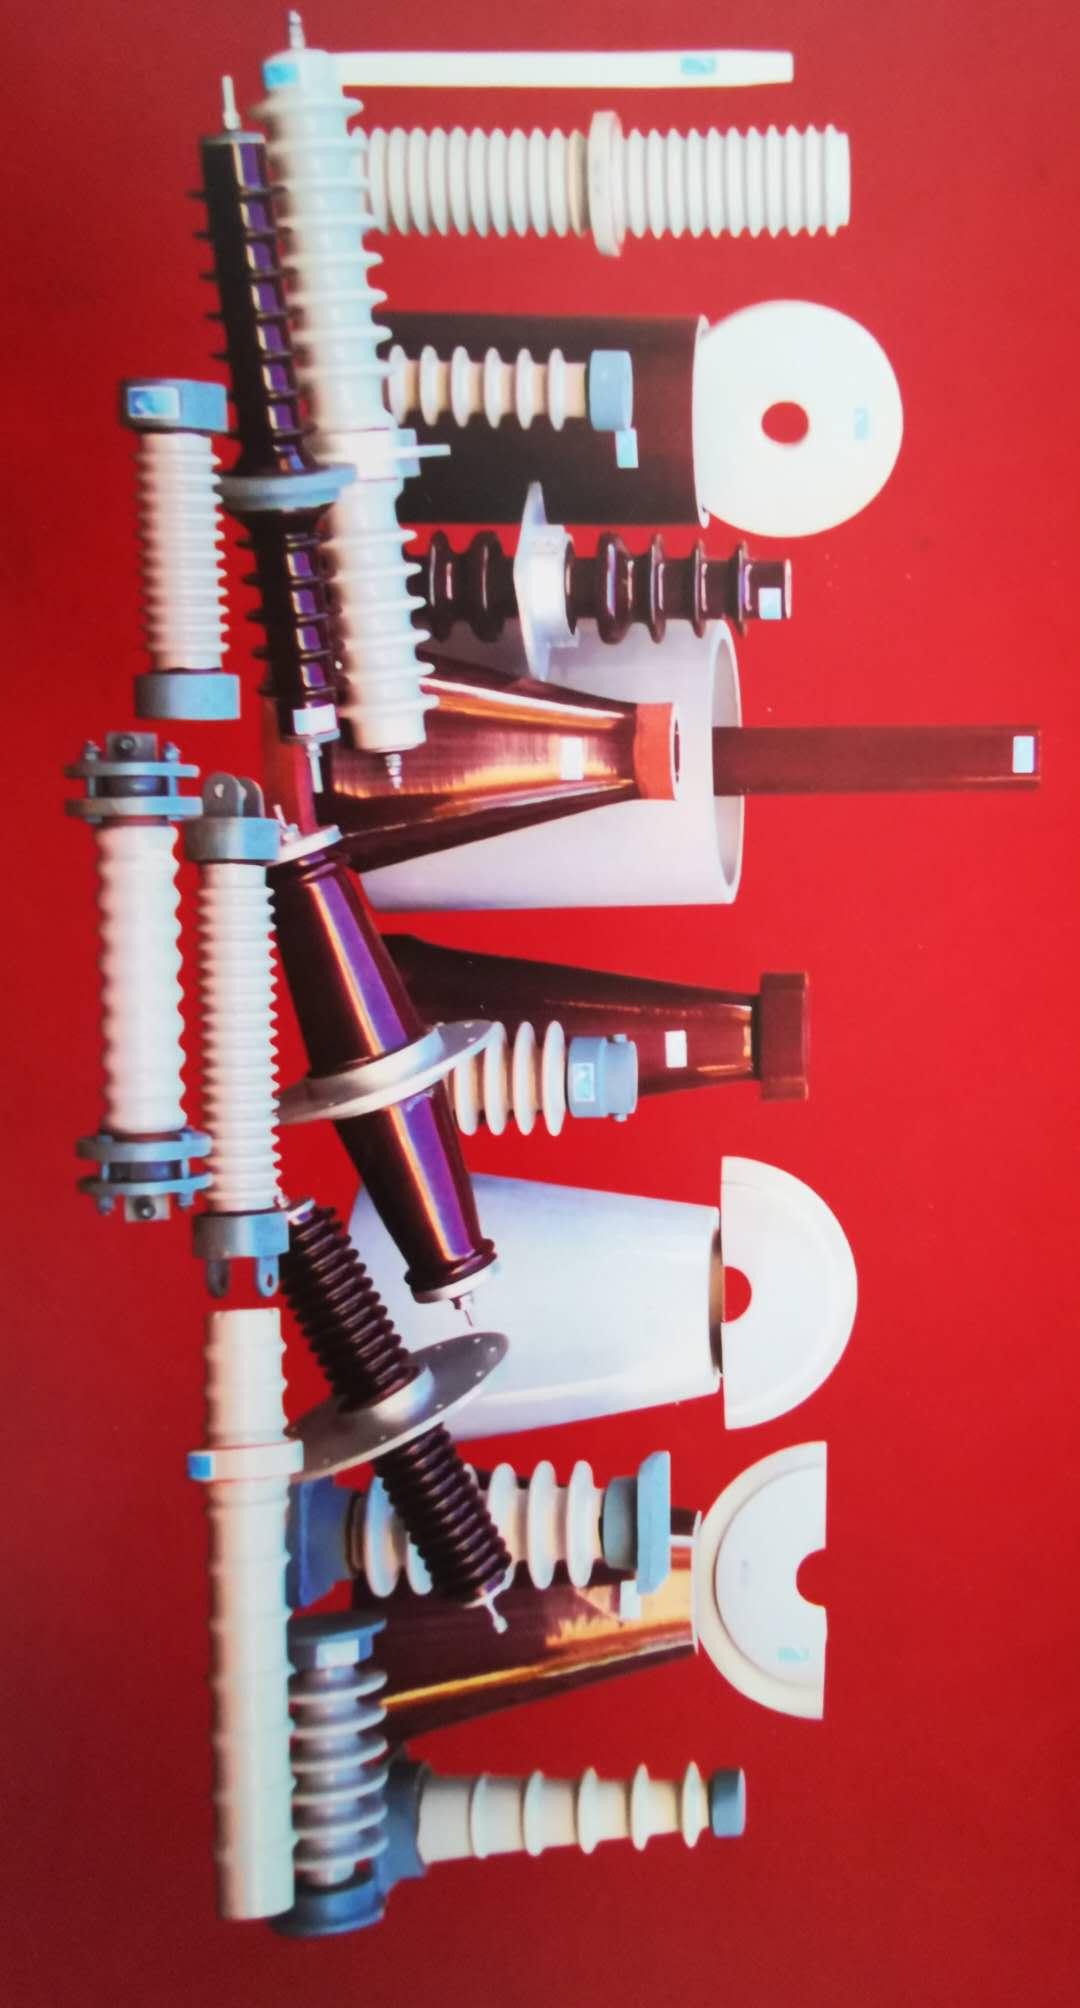 高压避雷器瓷套 ES681928001,800mm*320mm,材质电磁白釉,电晕